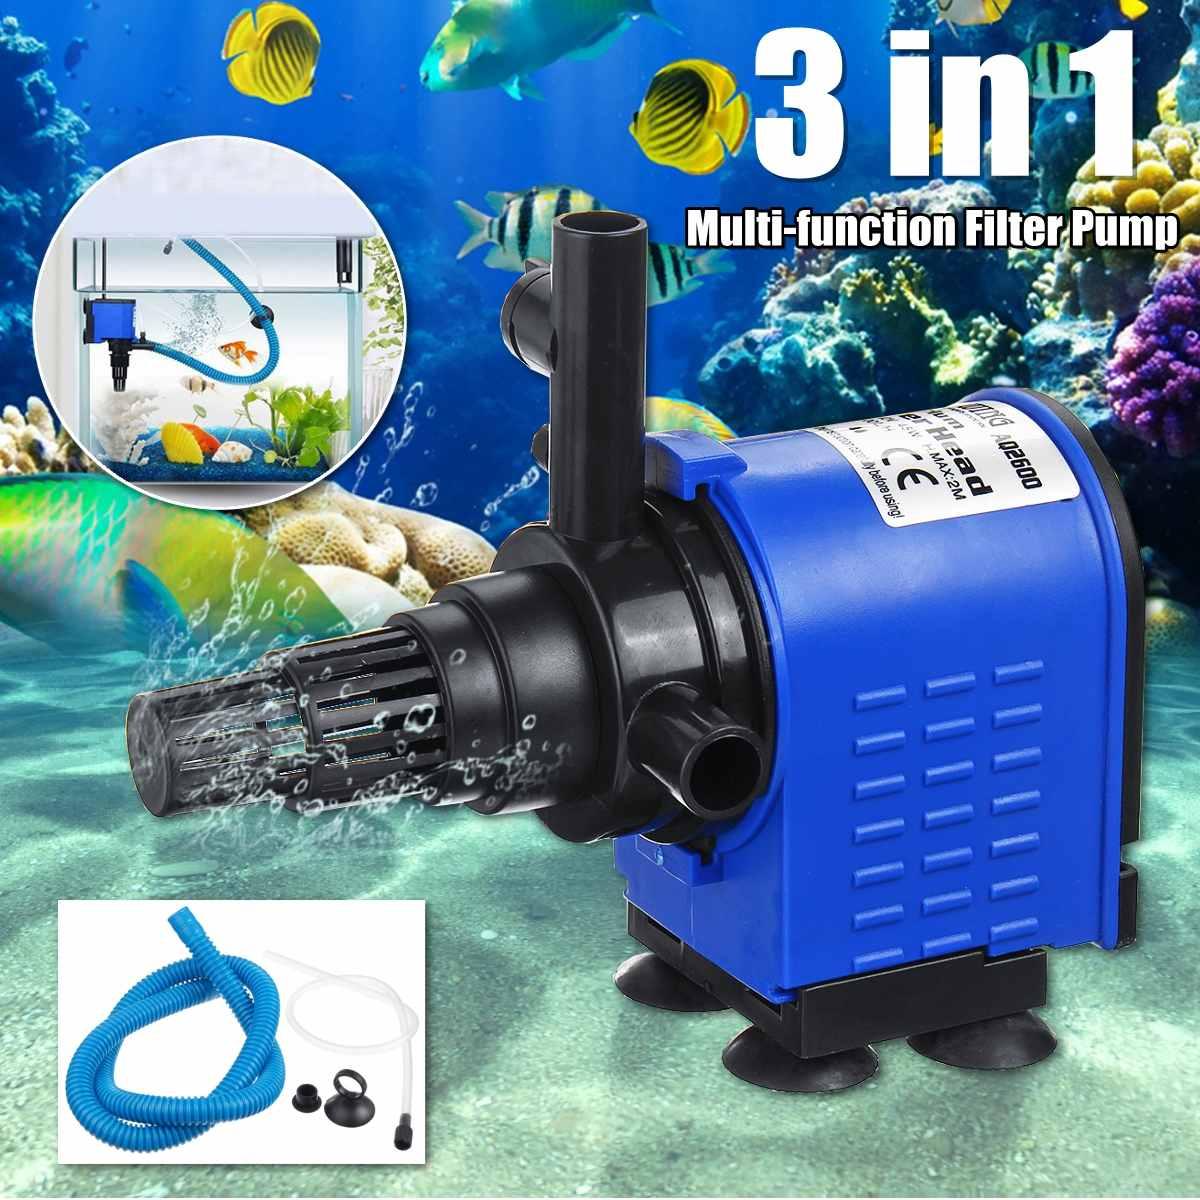 3-in-1 Internal Aquarium Filter Pump Water Circulating Water Spray Flow Fish Tank Submersible Purifier Filter Pump 8/15/20/25/35